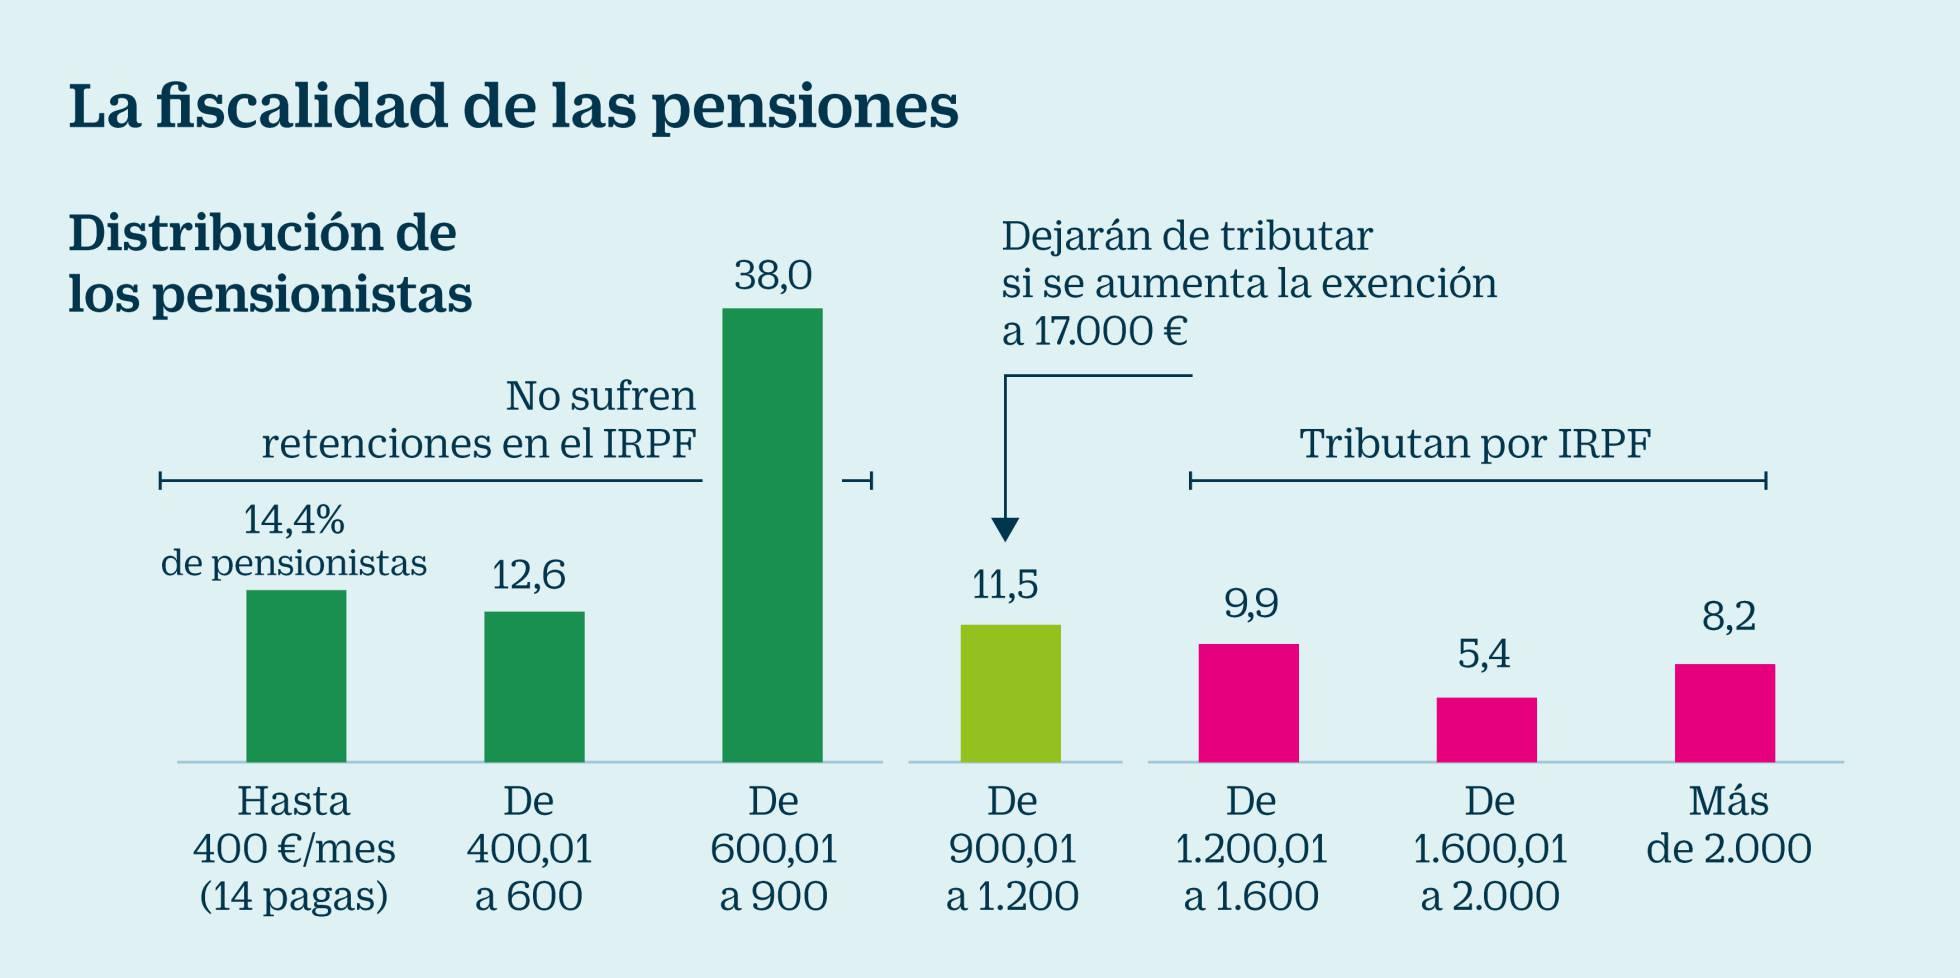 """Pensiones, jubilad@s. Continuidad en el """"damos y quitamos"""". Aumento de la privatización. La OCDE y el FMI por disminuirlas, retrasarlas...   - Página 8 1521539141_847261_1521564050_noticia_normal_recorte1"""